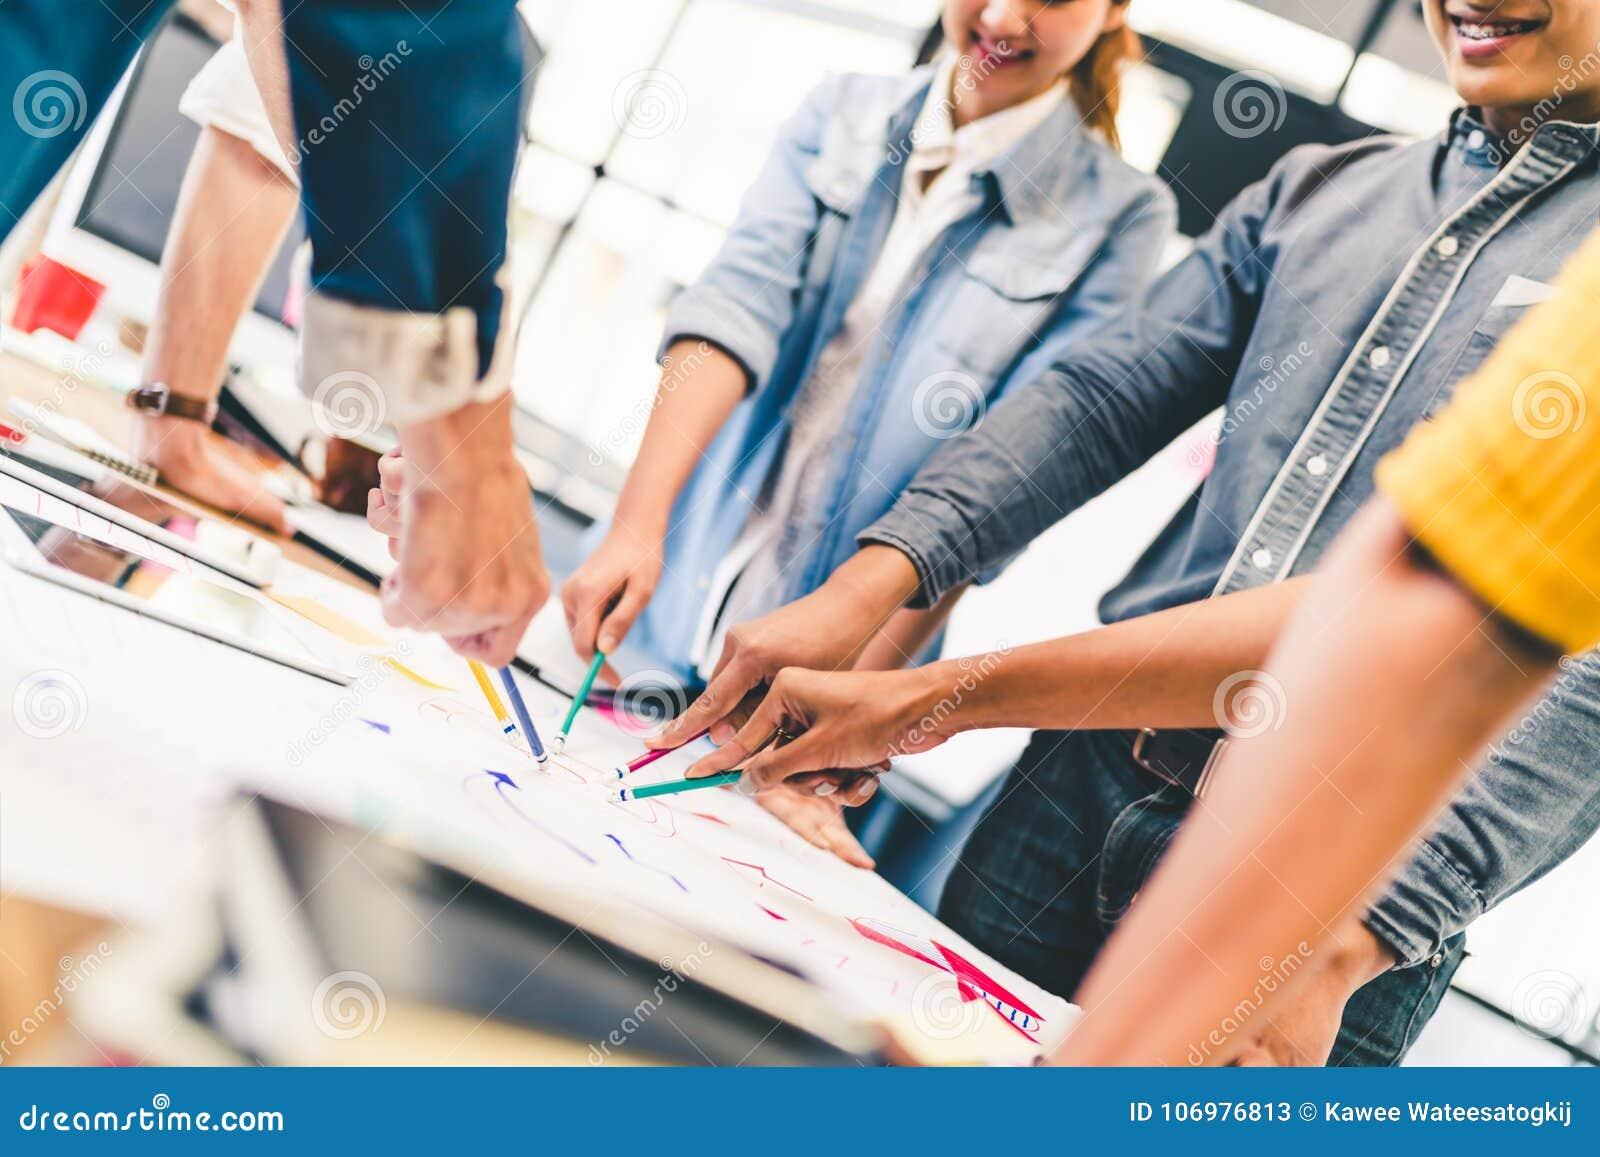 不同种族的不同的队、商务伙伴或者大学生在项目会议在现代办公室或大学